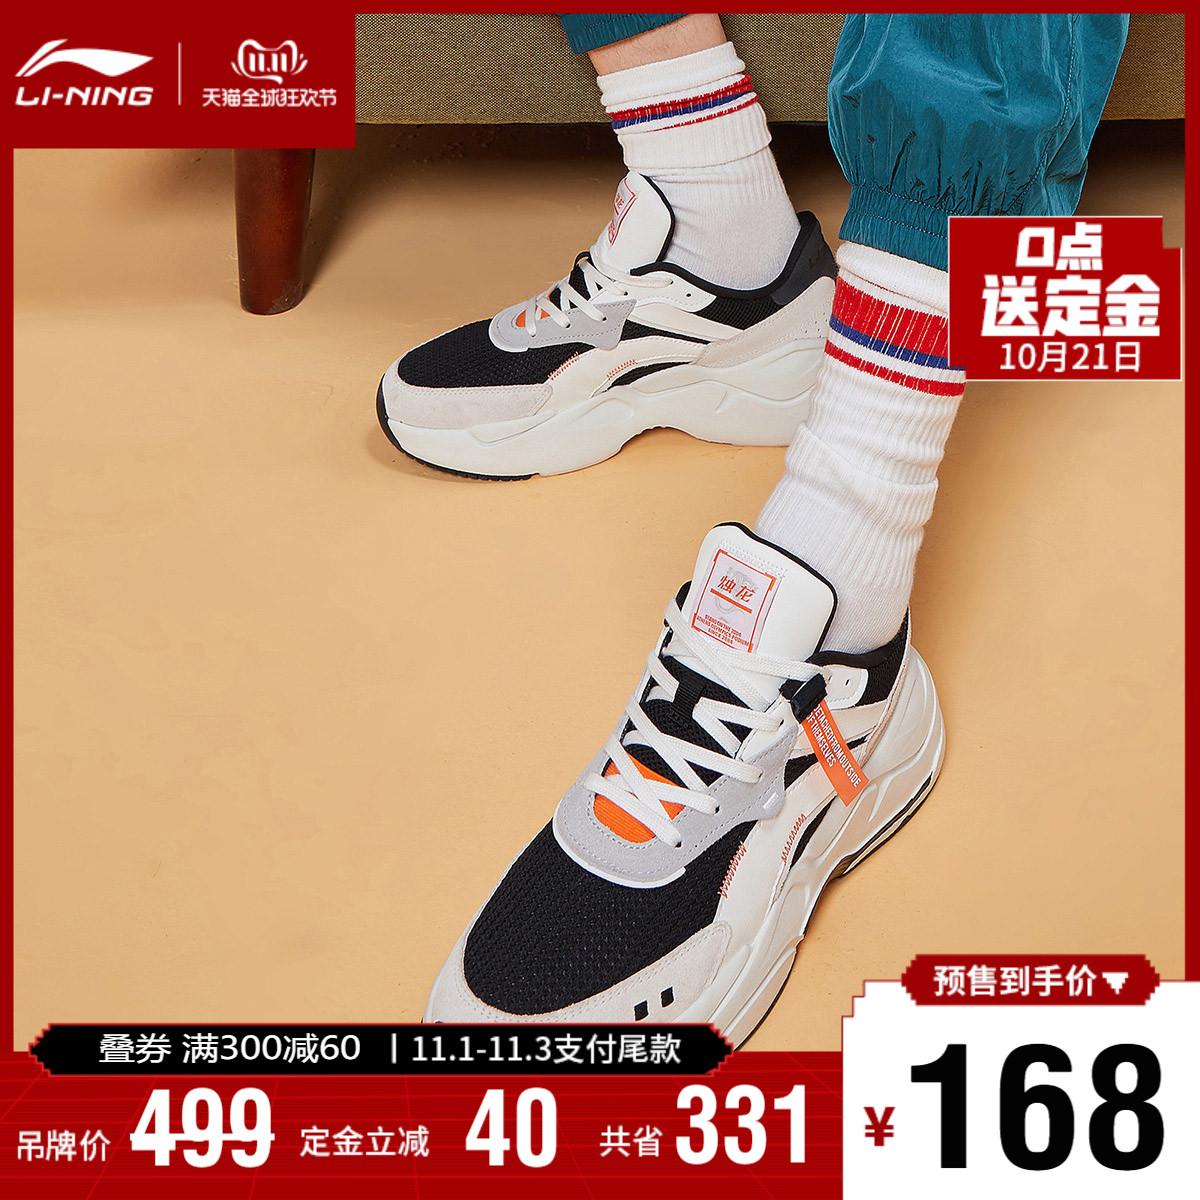 双11预售李宁休闲鞋华晨宇同款官方男女鞋新款烛龙复古运动老爹鞋